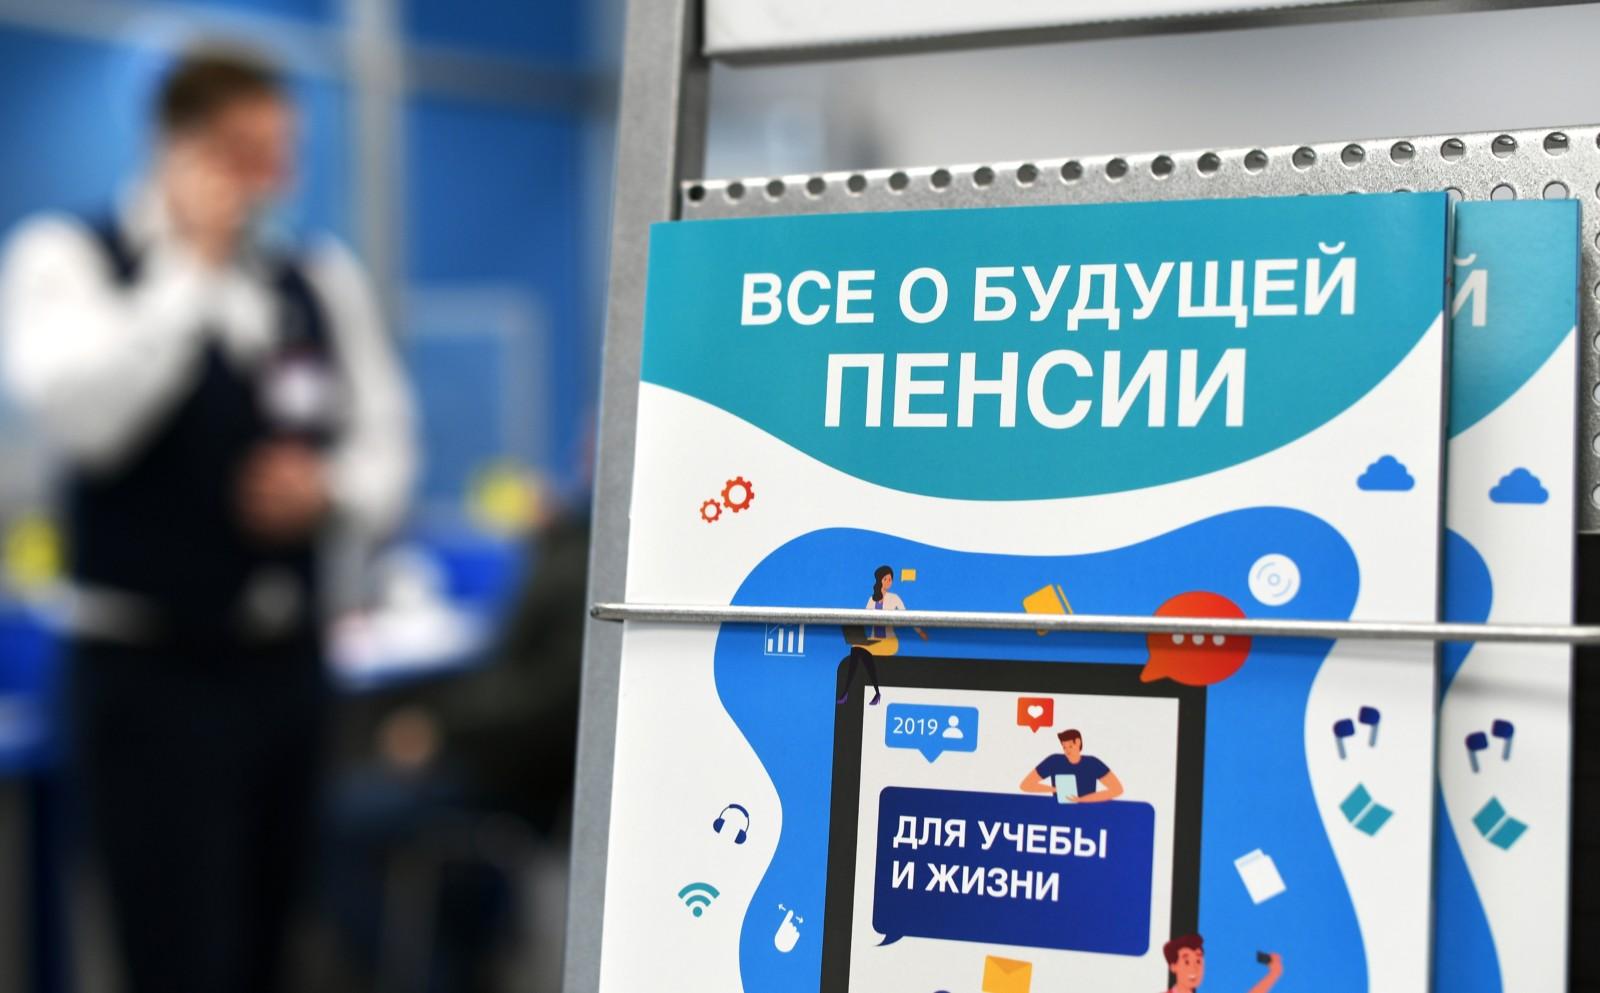 Информационный стенд в ПФР в Москве. Максим Блинов / РИА Новости